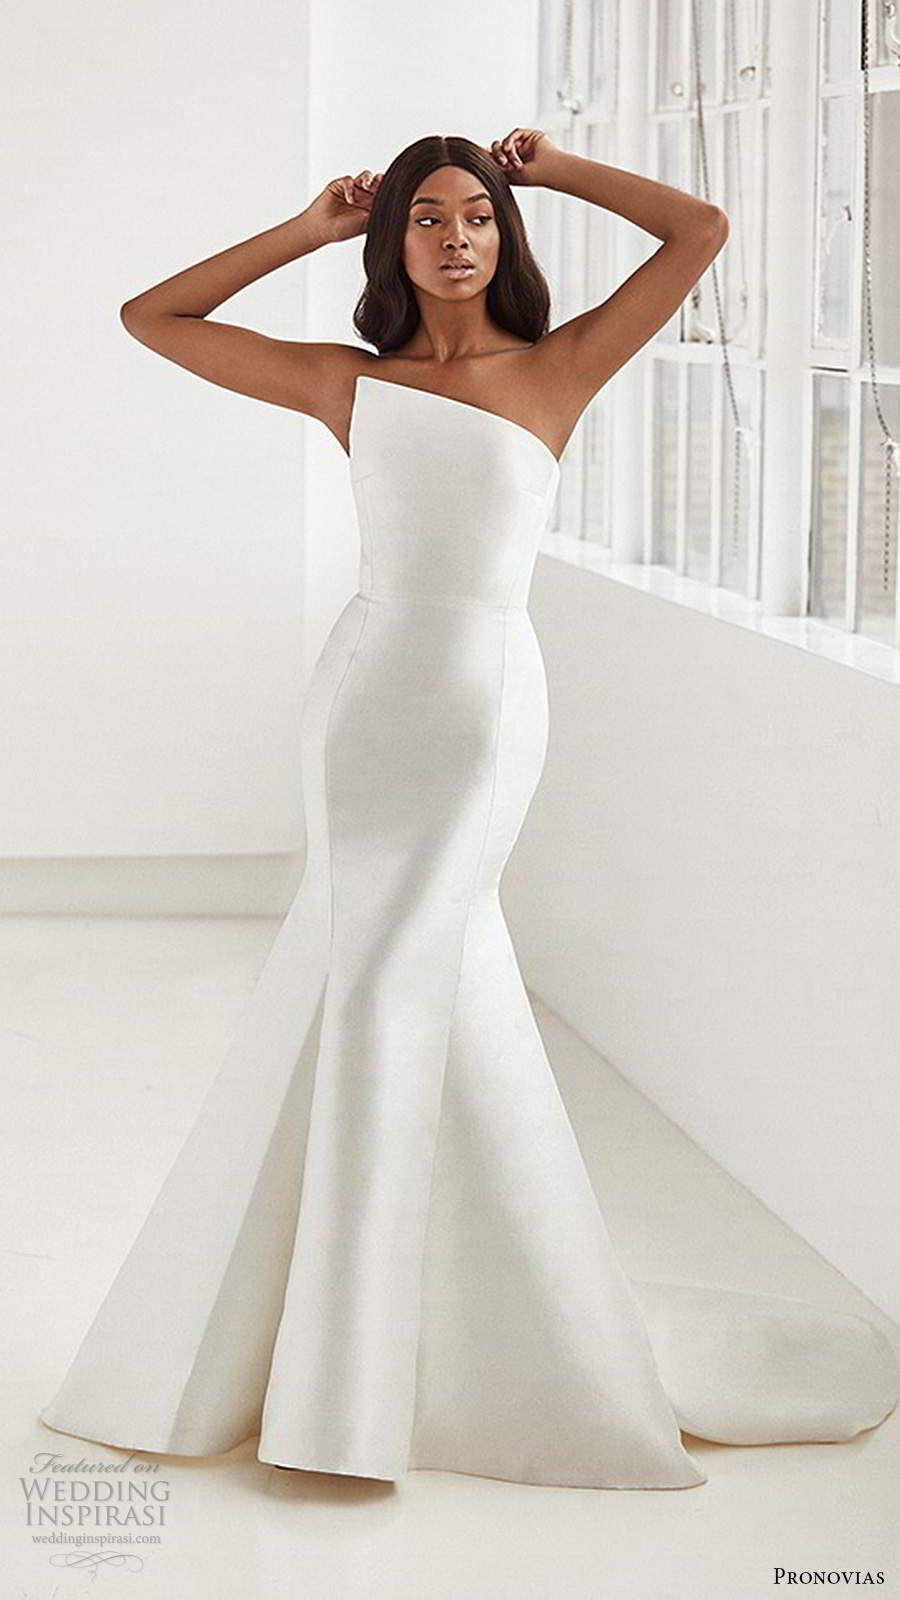 Ashley Graham X Pronovias 2020 Wedding Dresses A Gorgeous New Size Inclusive Bridal Collection Wedding Inspirasi Asymmetrical Wedding Dress Wedding Dresses Wedding Dresses Unique [ 1600 x 900 Pixel ]